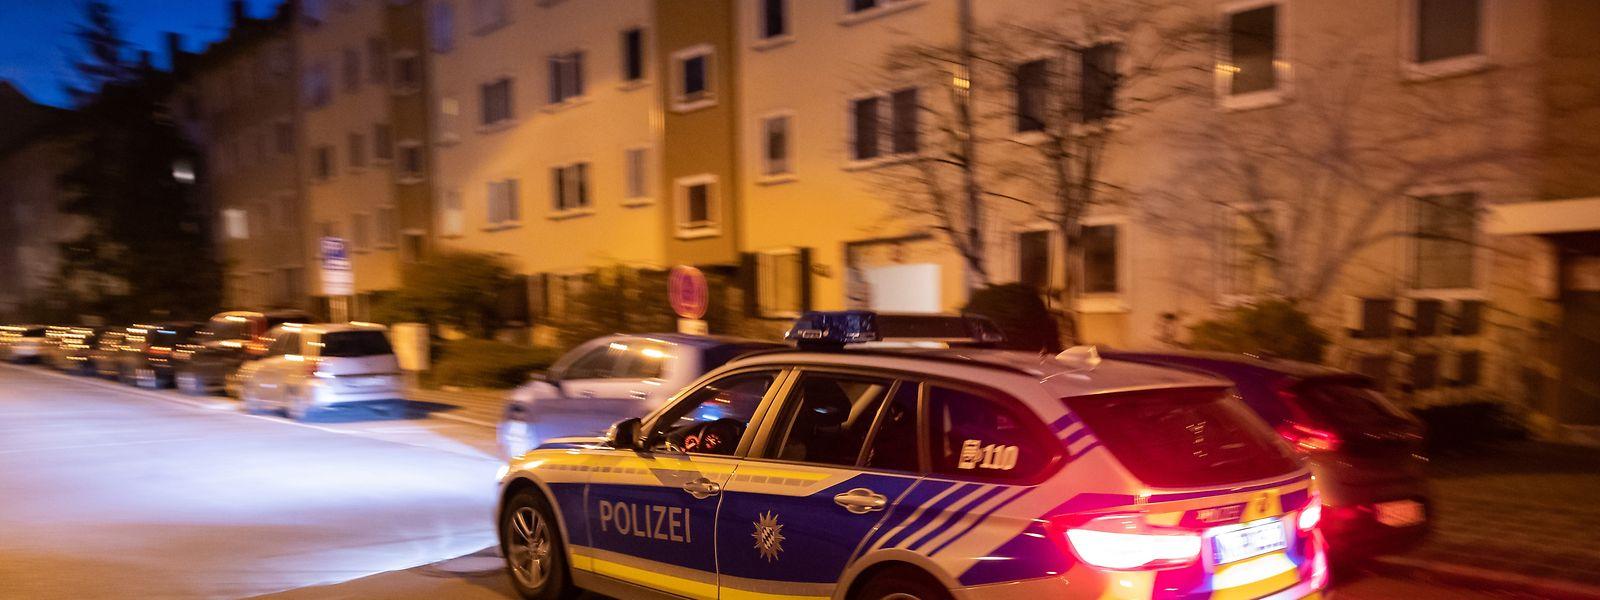 Ein Polizeiauto fährt in den frühen Morgenstunden durch den Nürnberger Stadtteil St. Johannis.